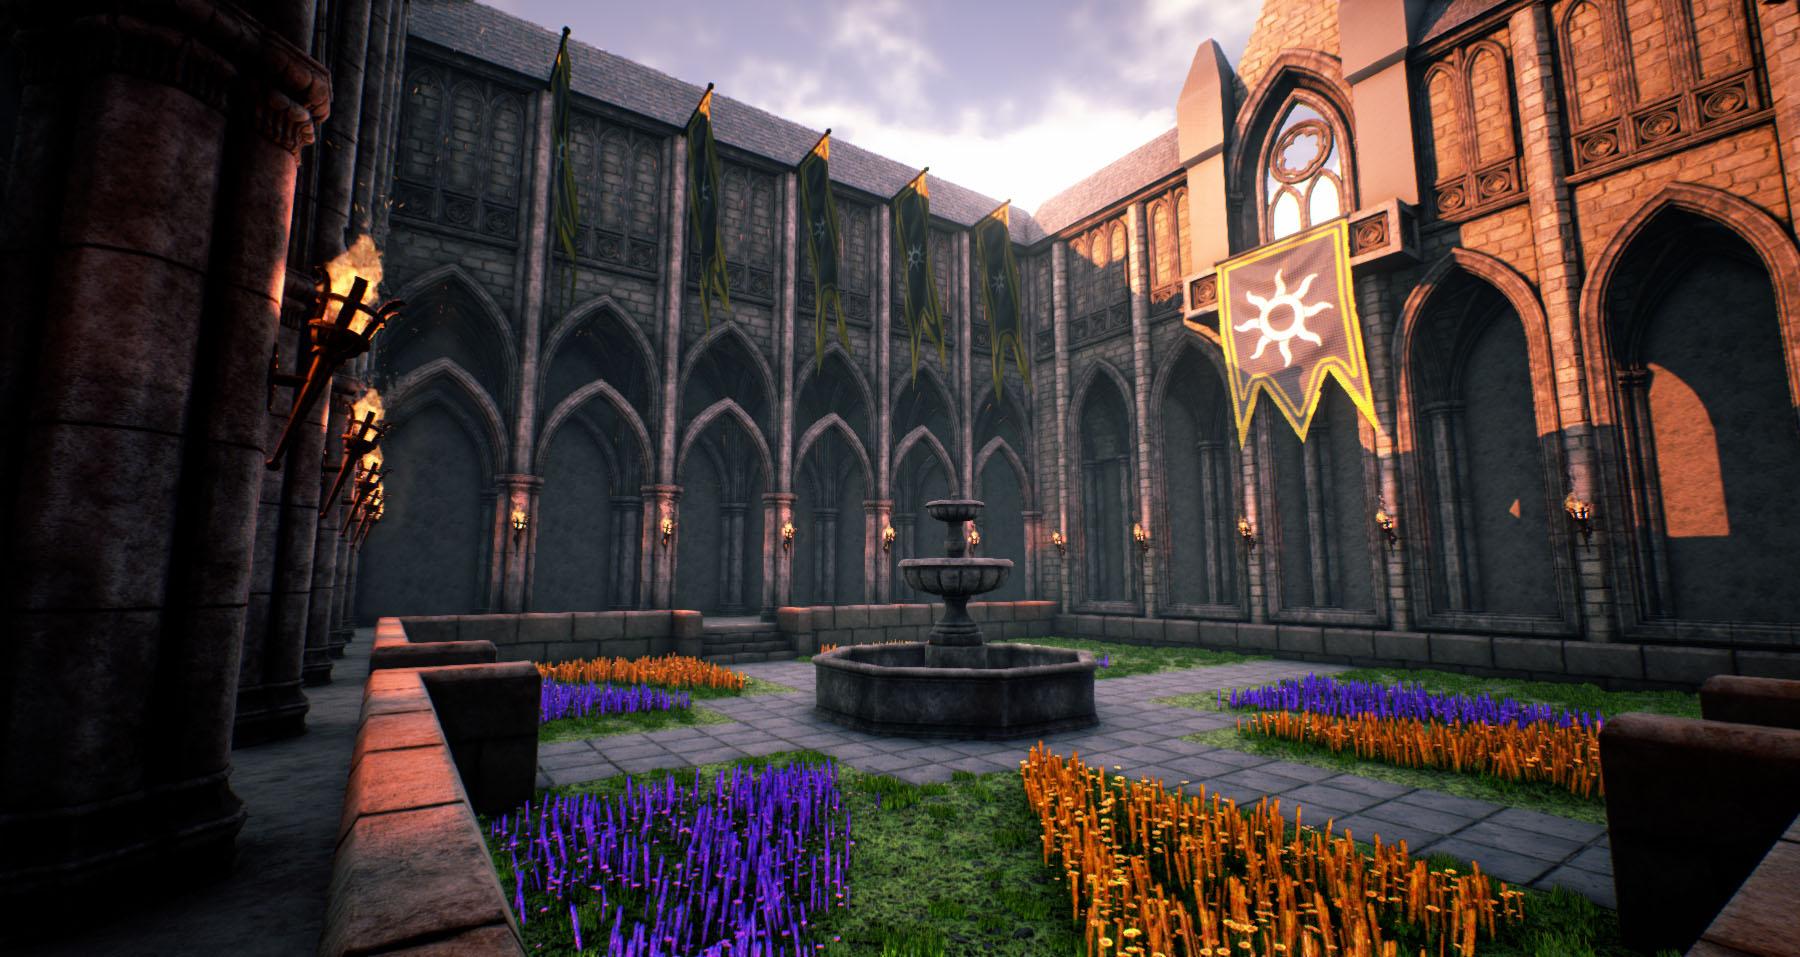 courtyard_wip7.jpg